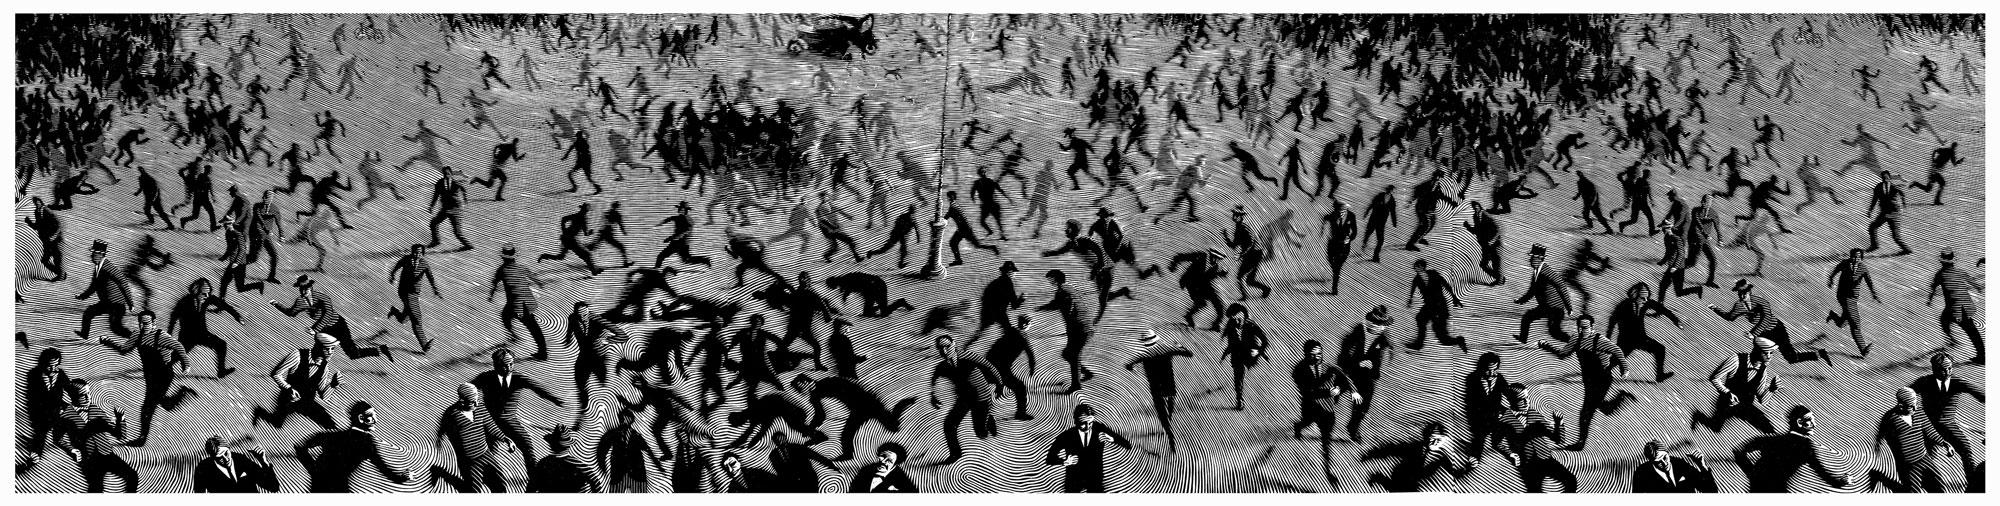 kunst-igasse-kodusse-13-03